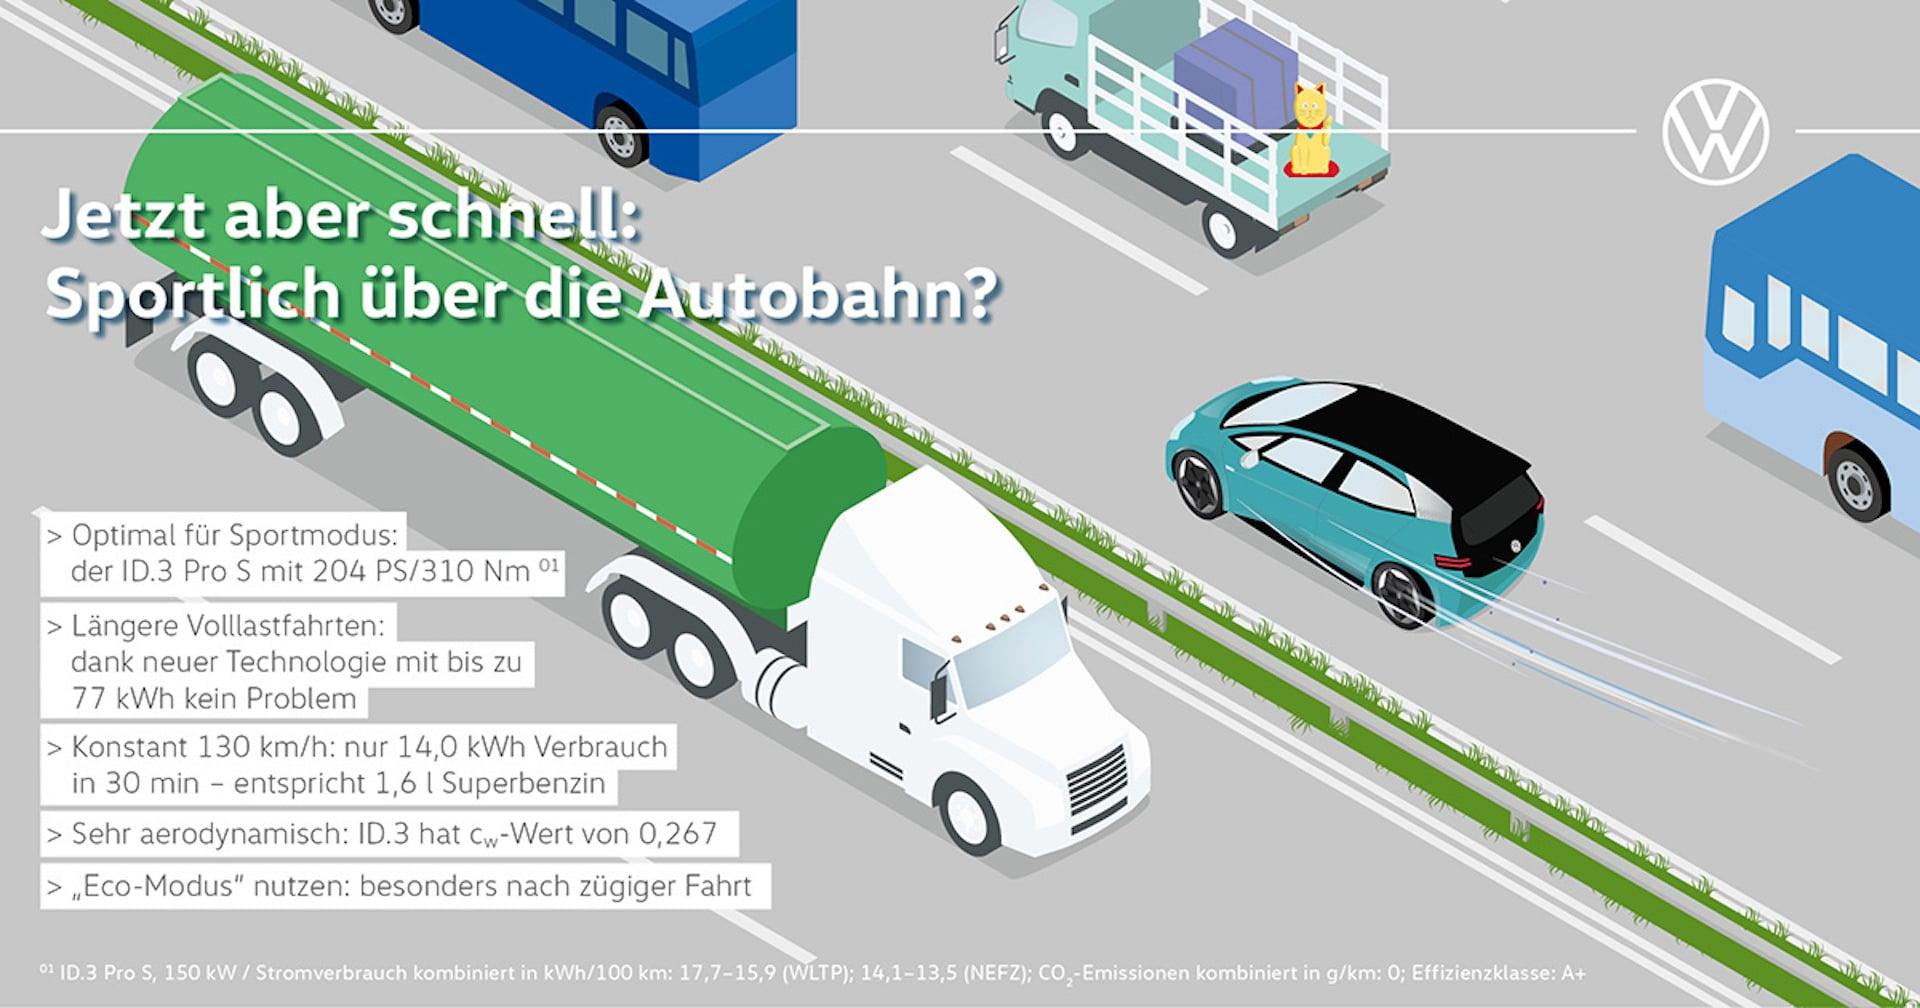 Volkswagen-Elektroauto-Reichweite-Autobahn